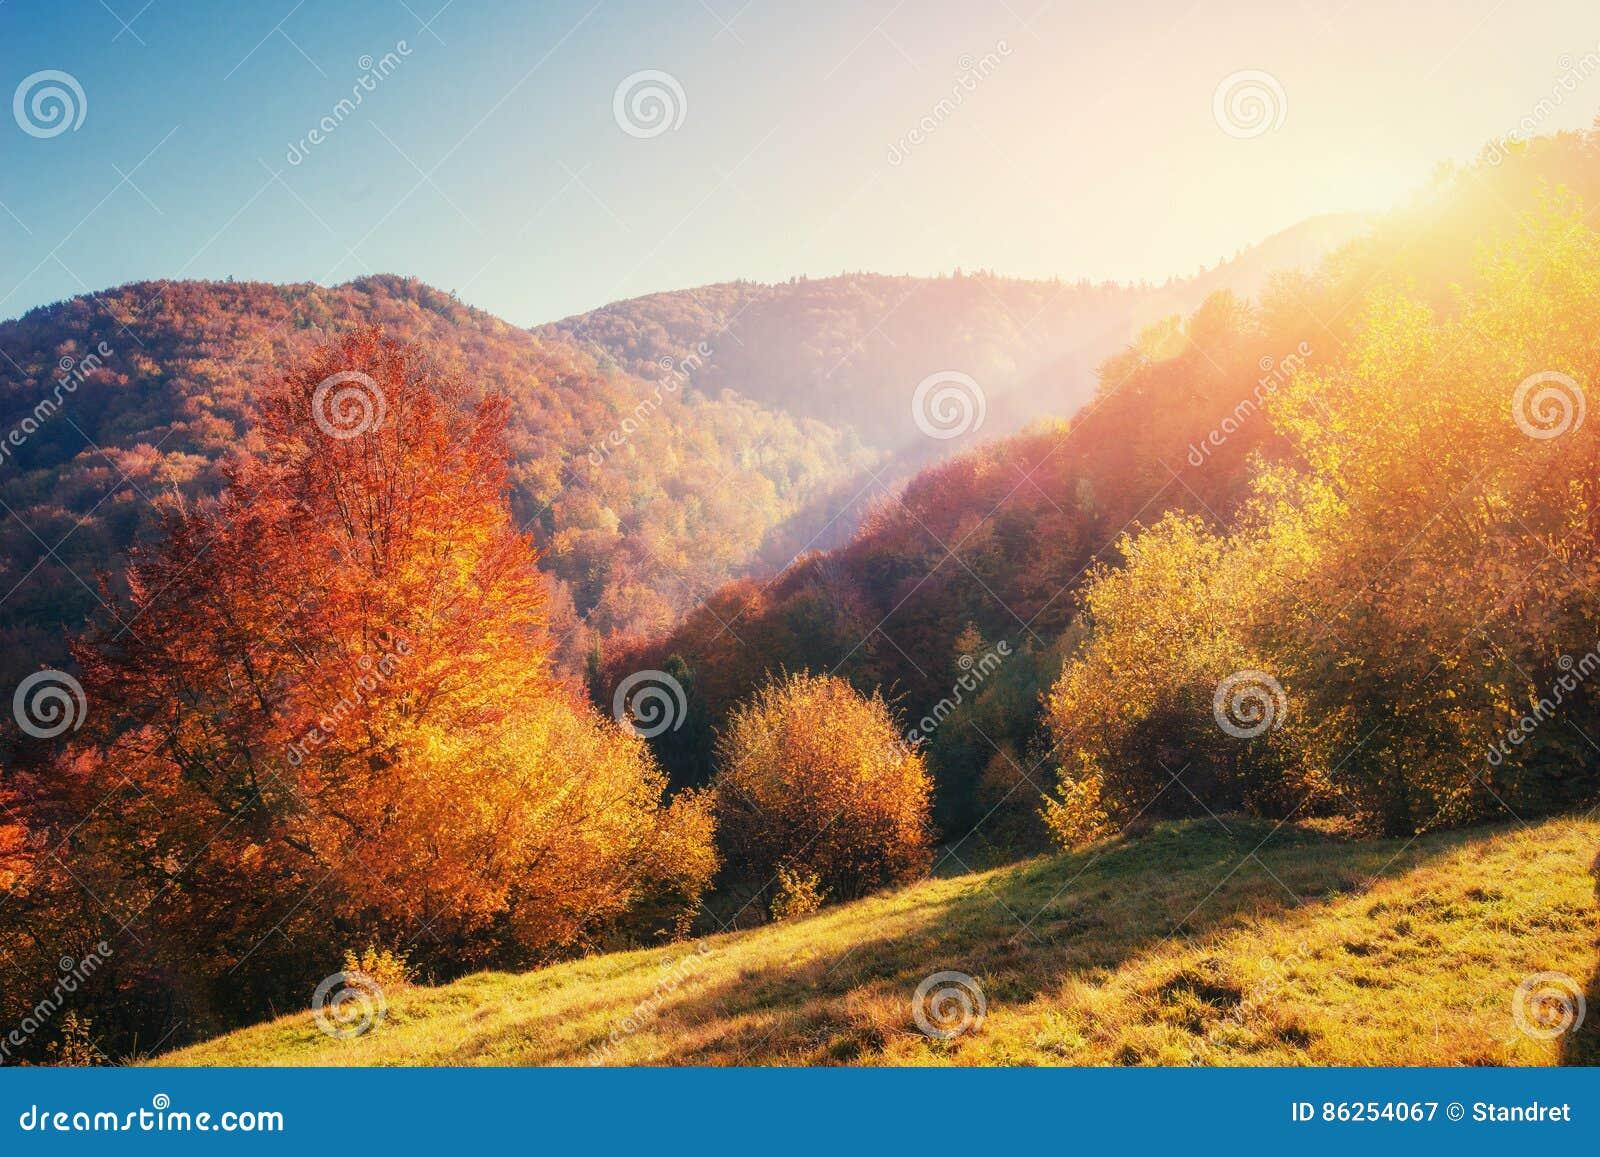 Birch forest in sunny afternoon while autumn season. Landscape. Ukraine